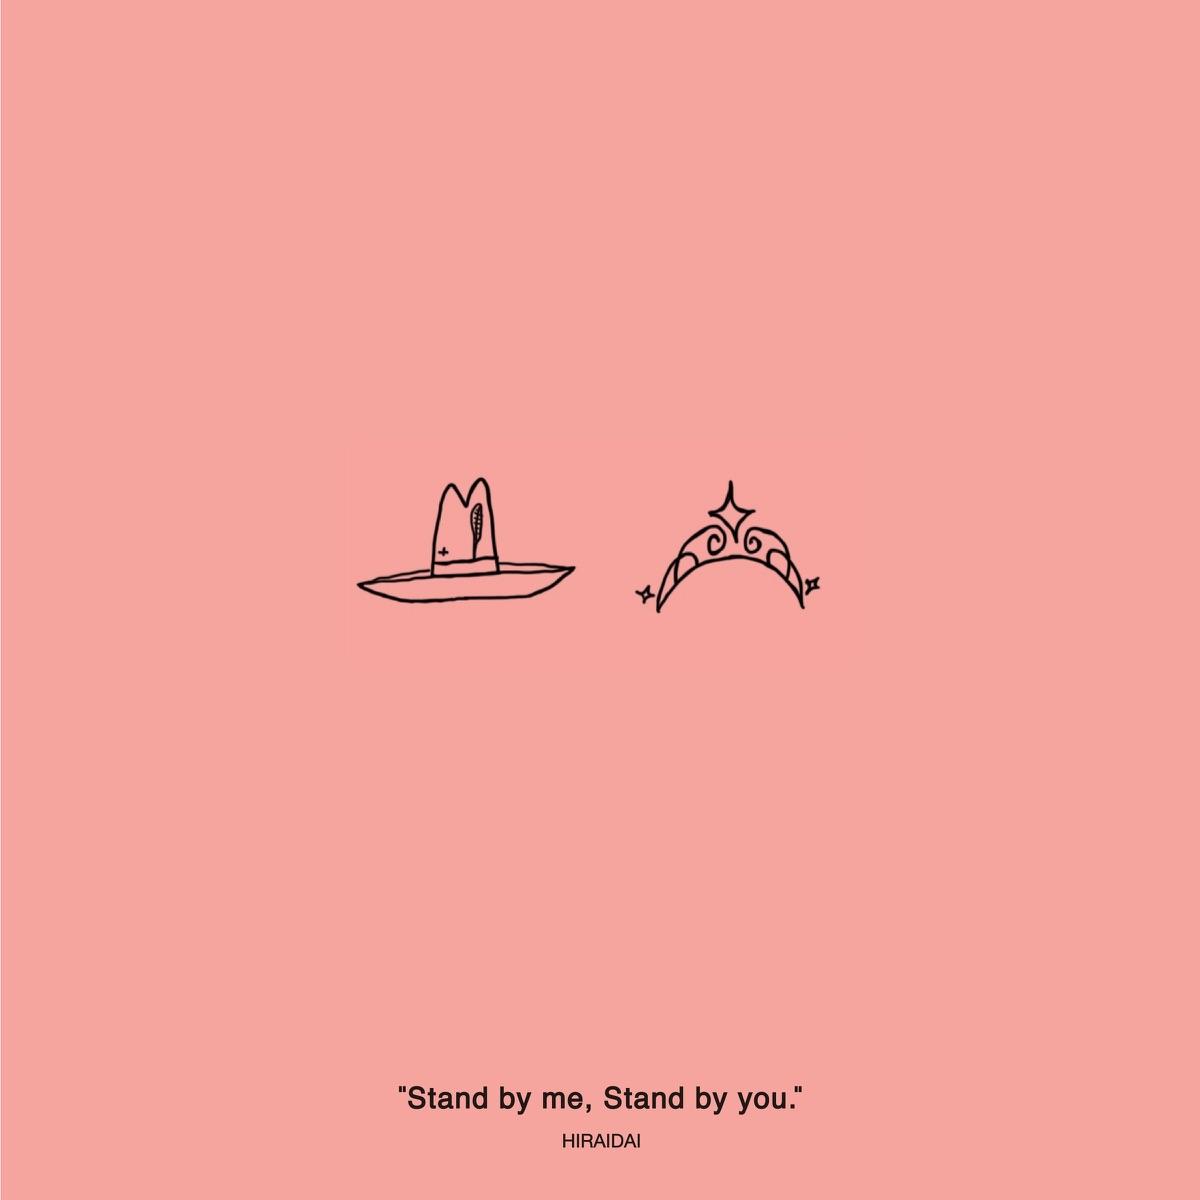 『平井大 - Stand by me, Stand by you.』収録の『Stand by me, Stand by you.』ジャケット